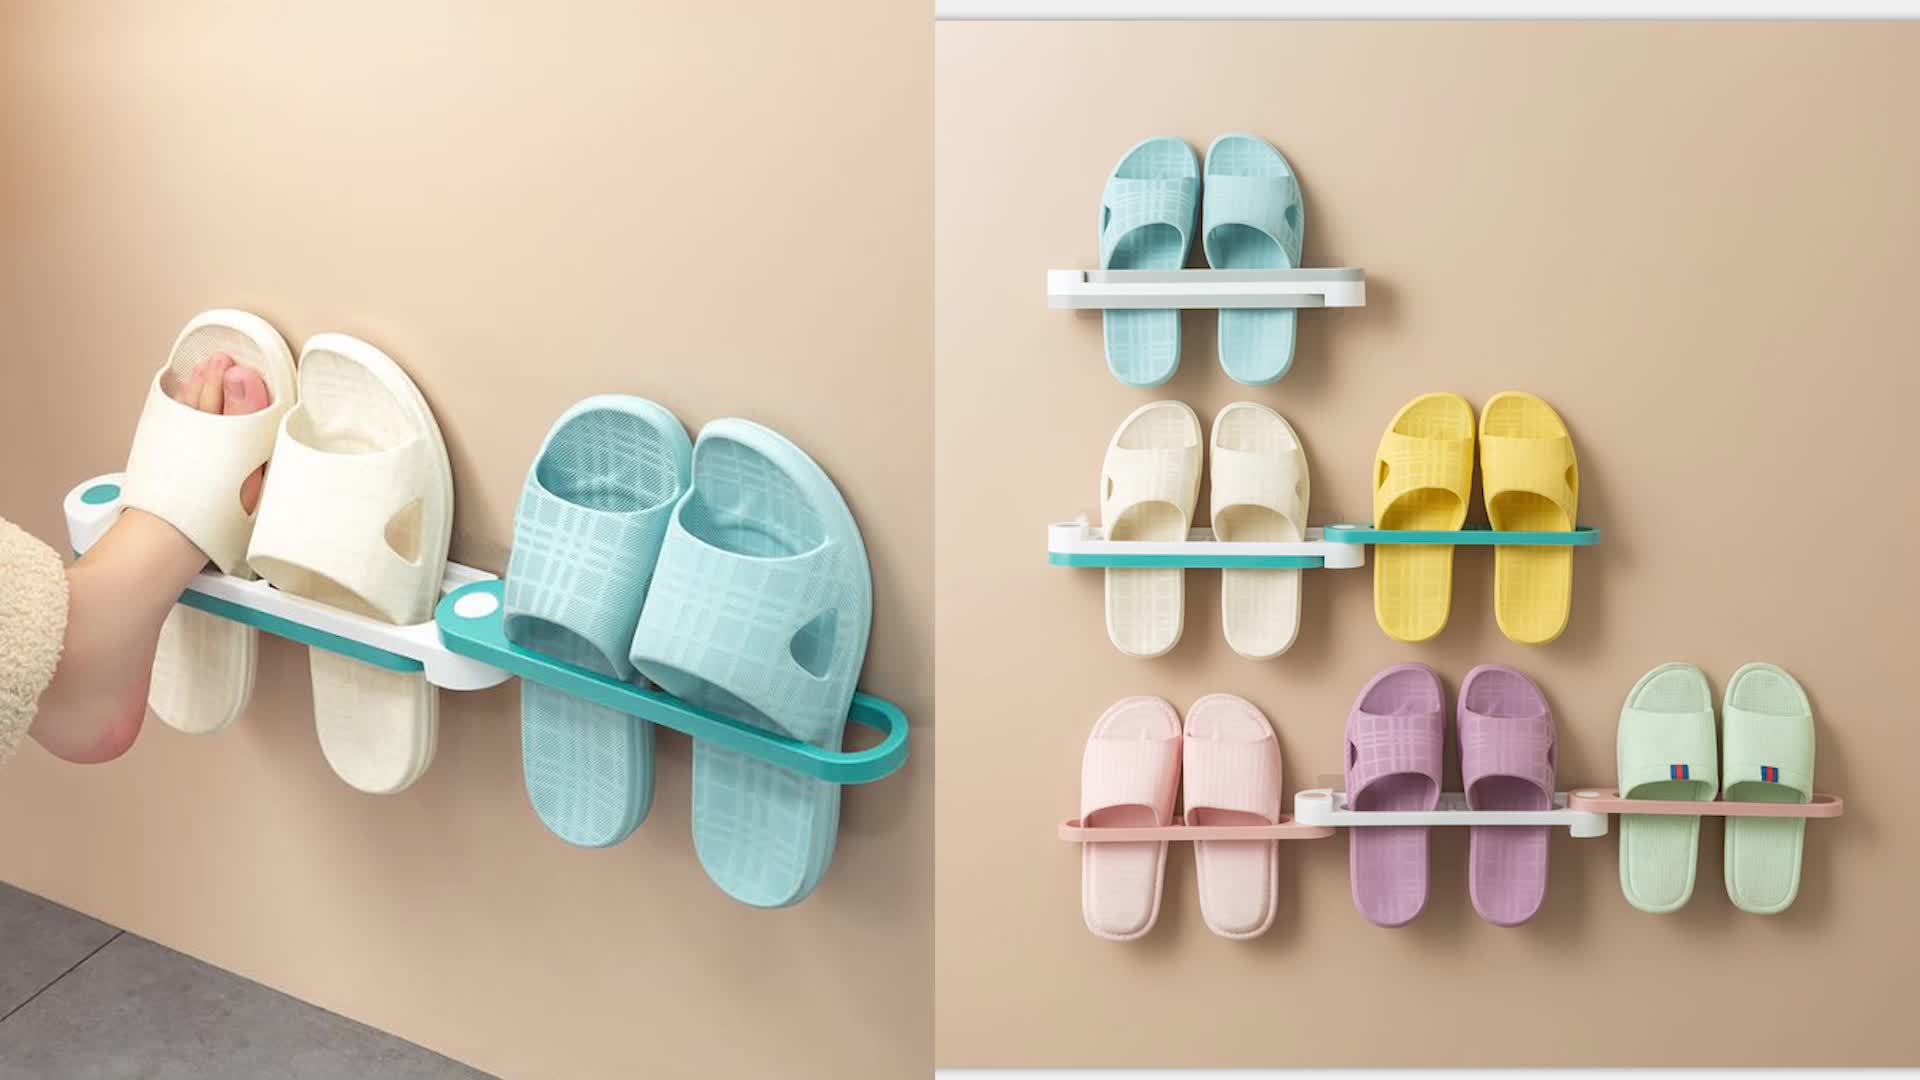 Menakjubkan Lipat Sandal Sepatu Plastik Gantungan Dinding Menggantung Teleskopik Tiga Dalam Satu Kamar Mandi Rak Sepatu untuk Rumah